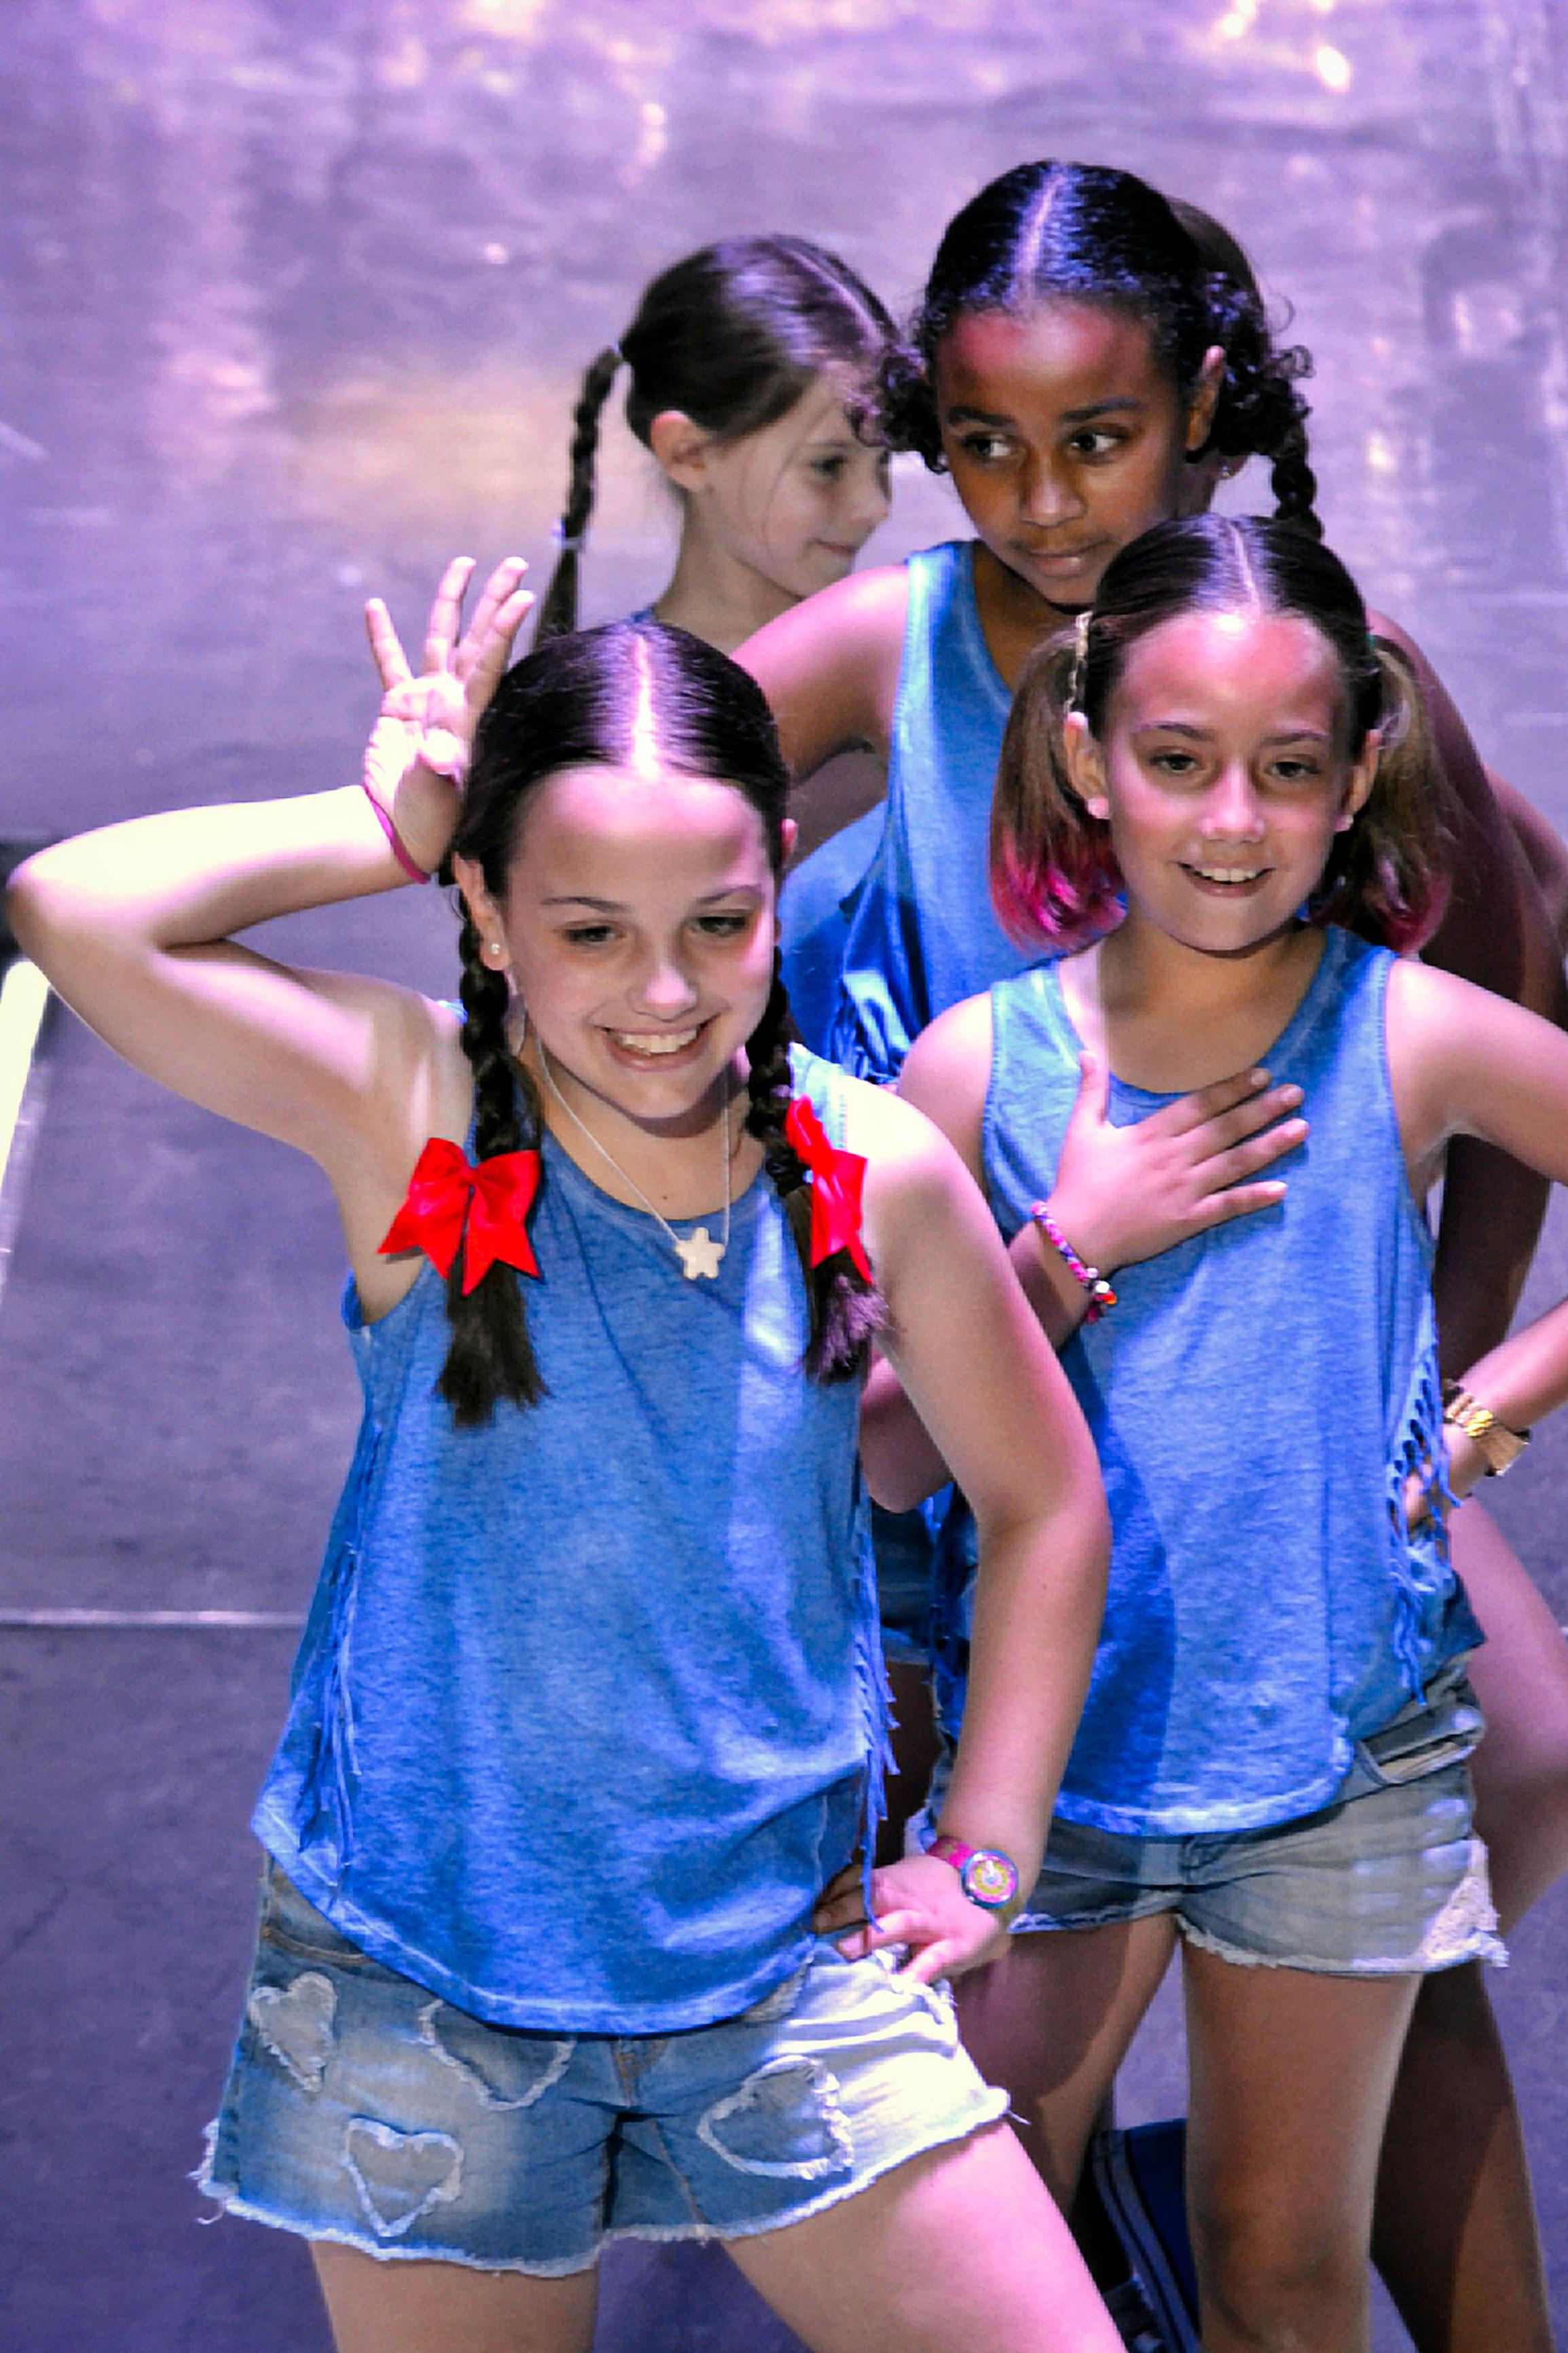 Linea-de-Baile-festival-verano-2015-clases-de-baile-valencia-135